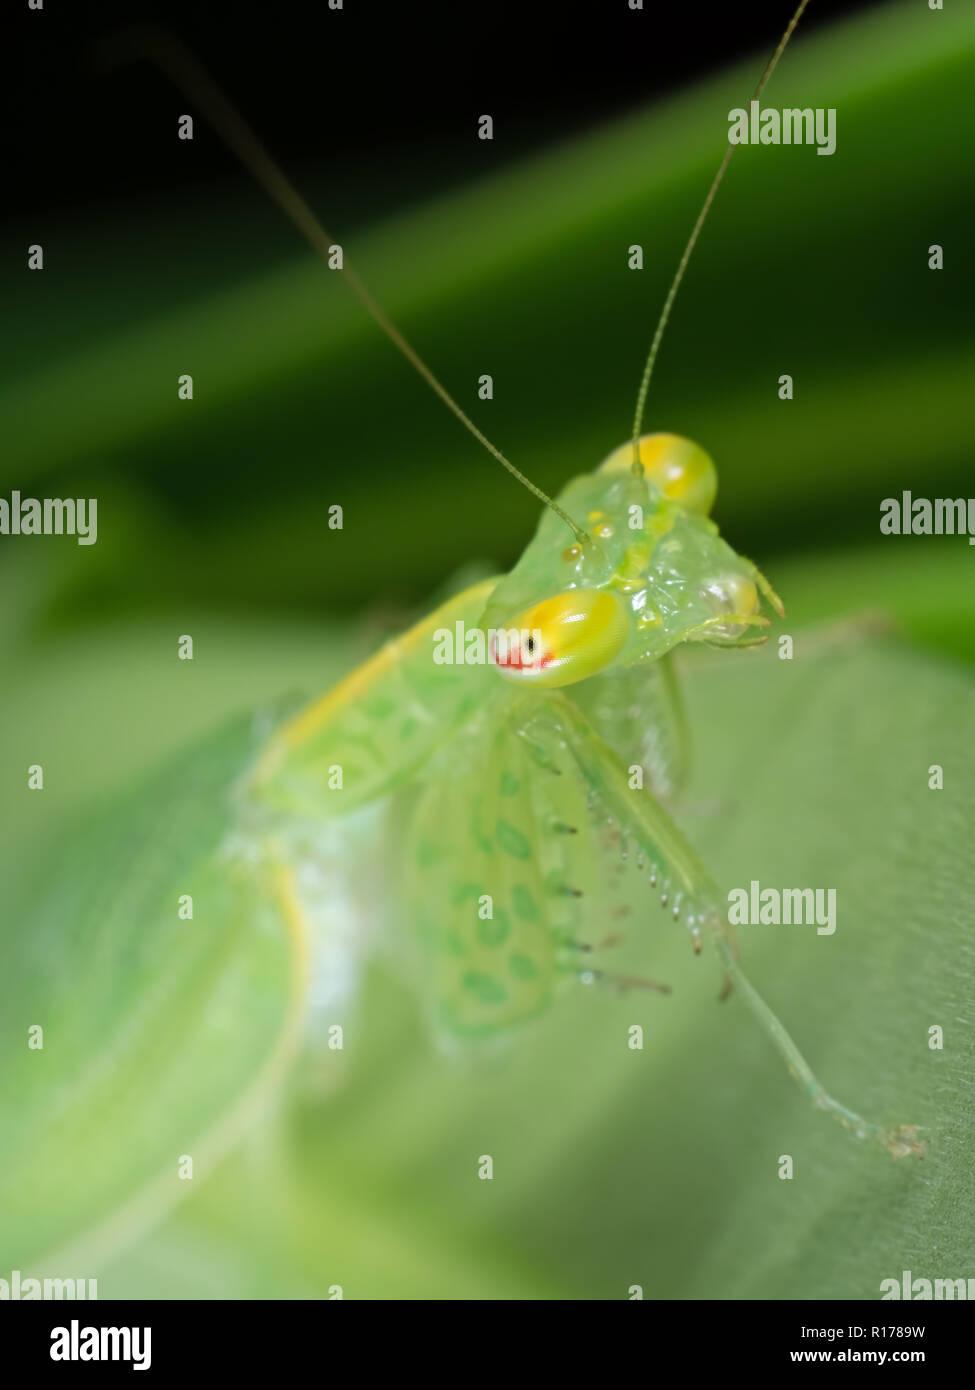 Makrofotografie von Auge der Gottesanbeterin auf grünem Blatt Stockbild